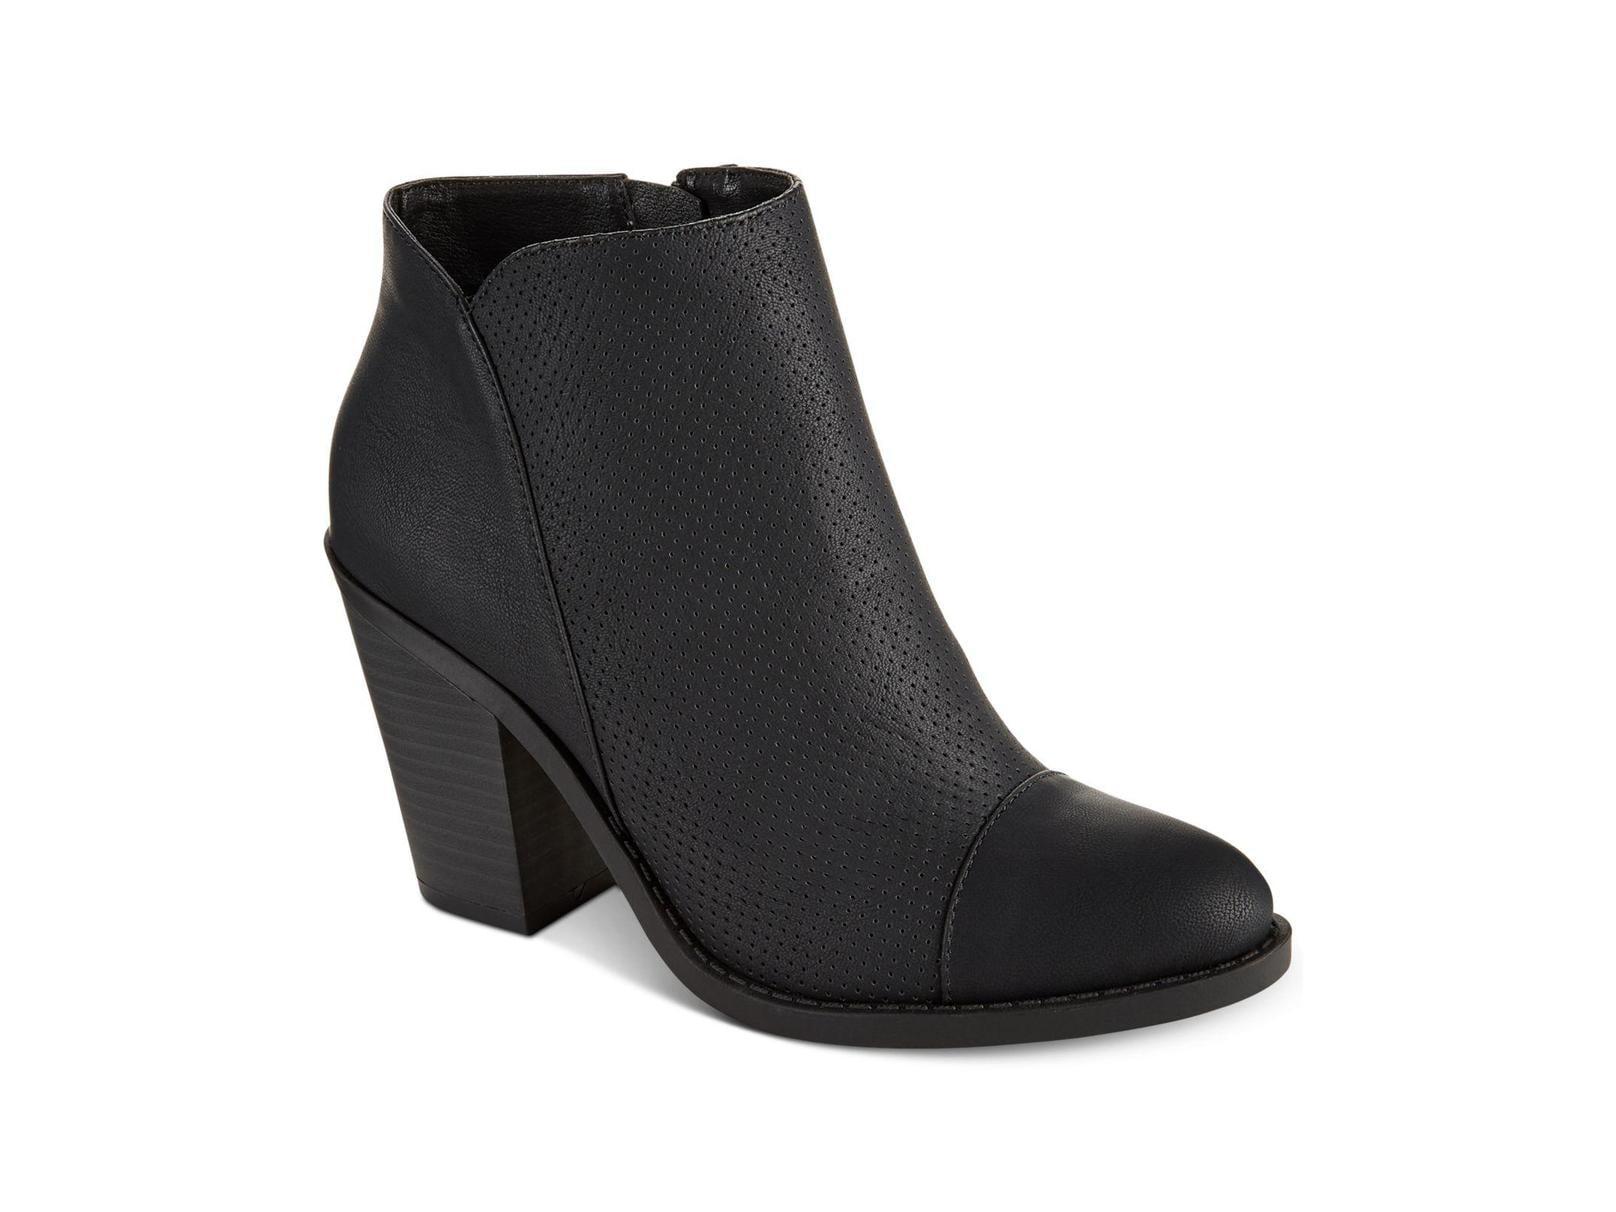 3154dde5598 ESPRIT Womens Kali Cap Toe Ankle Fashion Boots